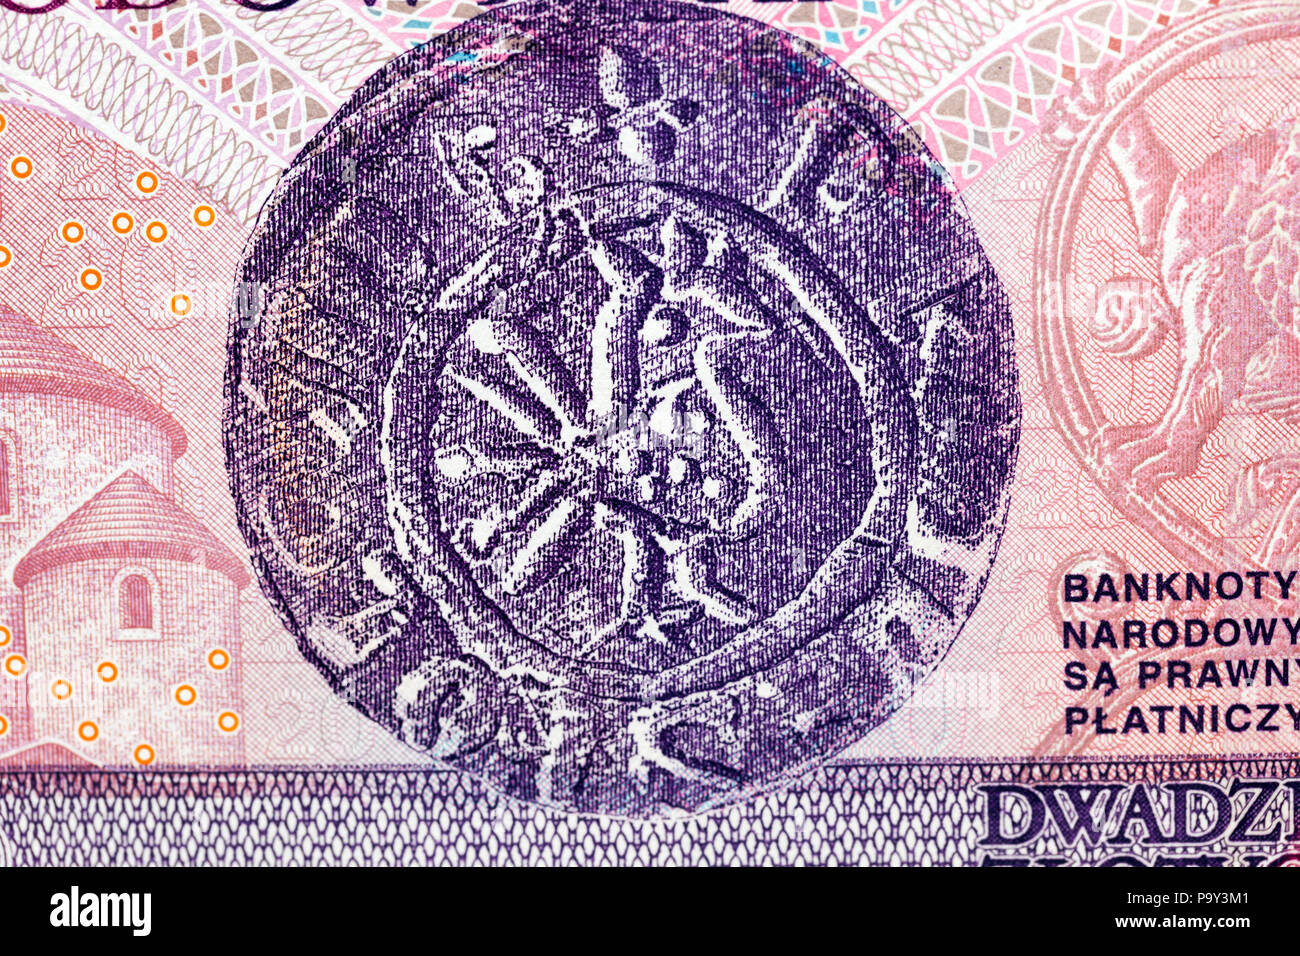 Polnische Banknoten In Der Nähe Fotografiert Geld Wert 20 Zloty